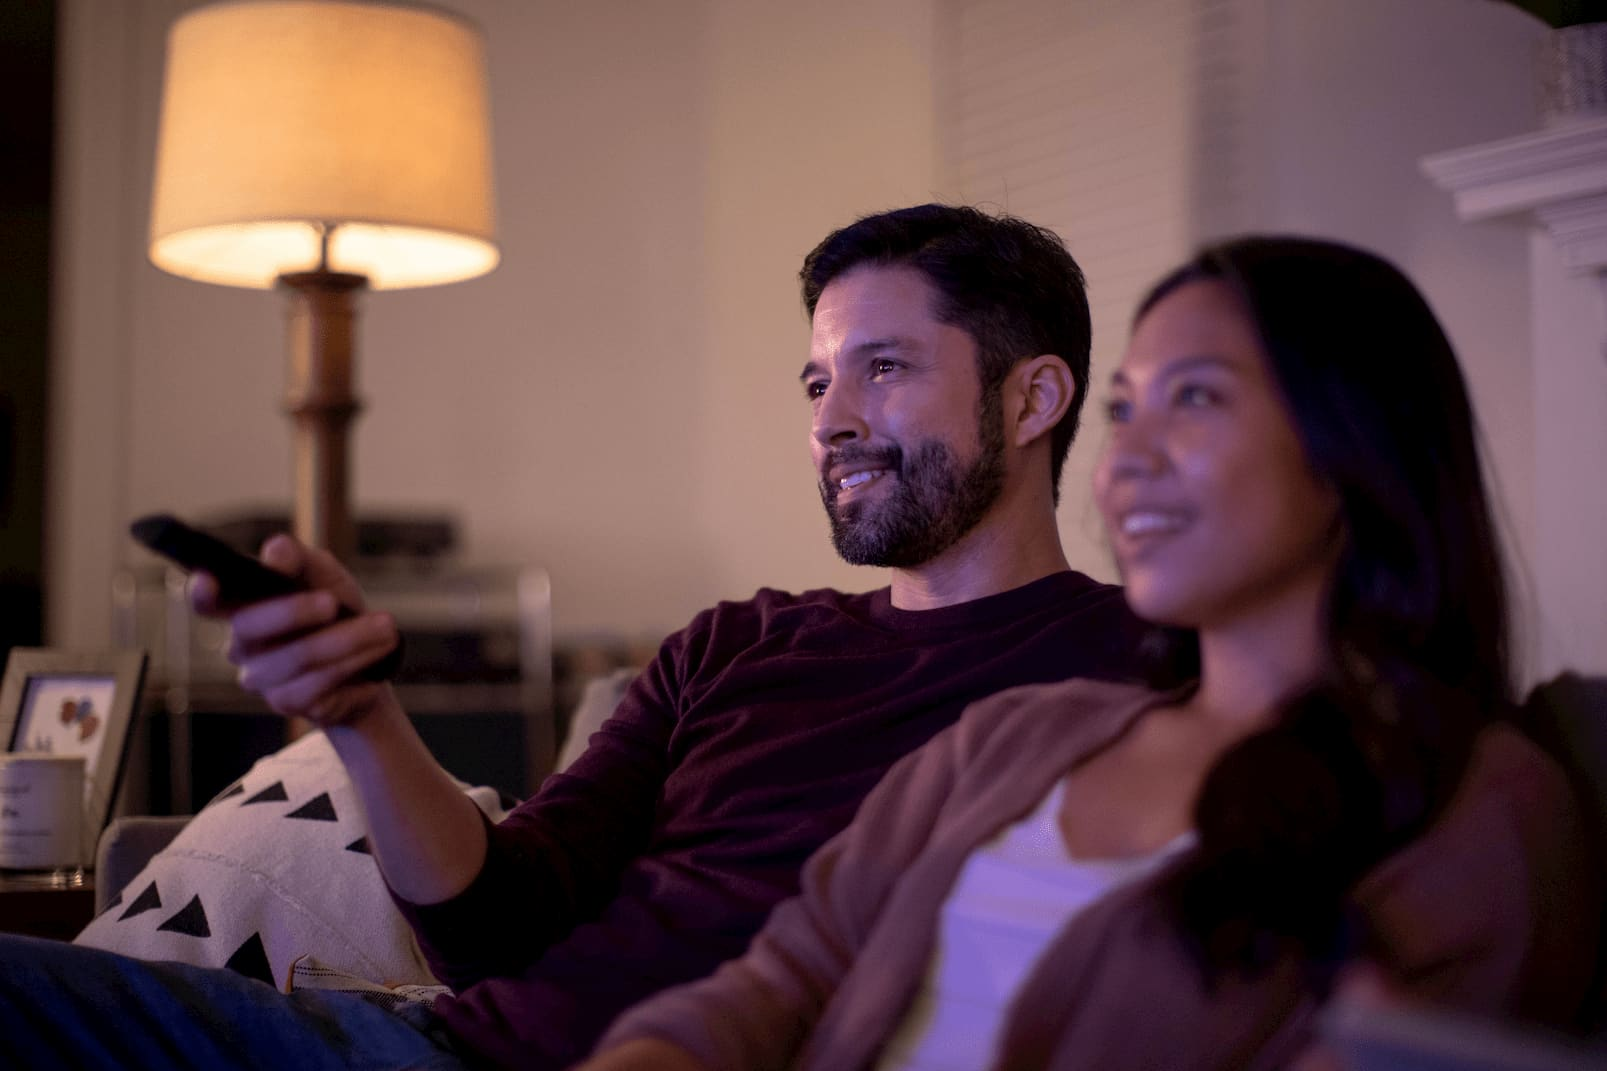 Foto de una pareja feliz sentada en una sala, usando el cotrol remoto y preparándose para ver una película en su televisor.